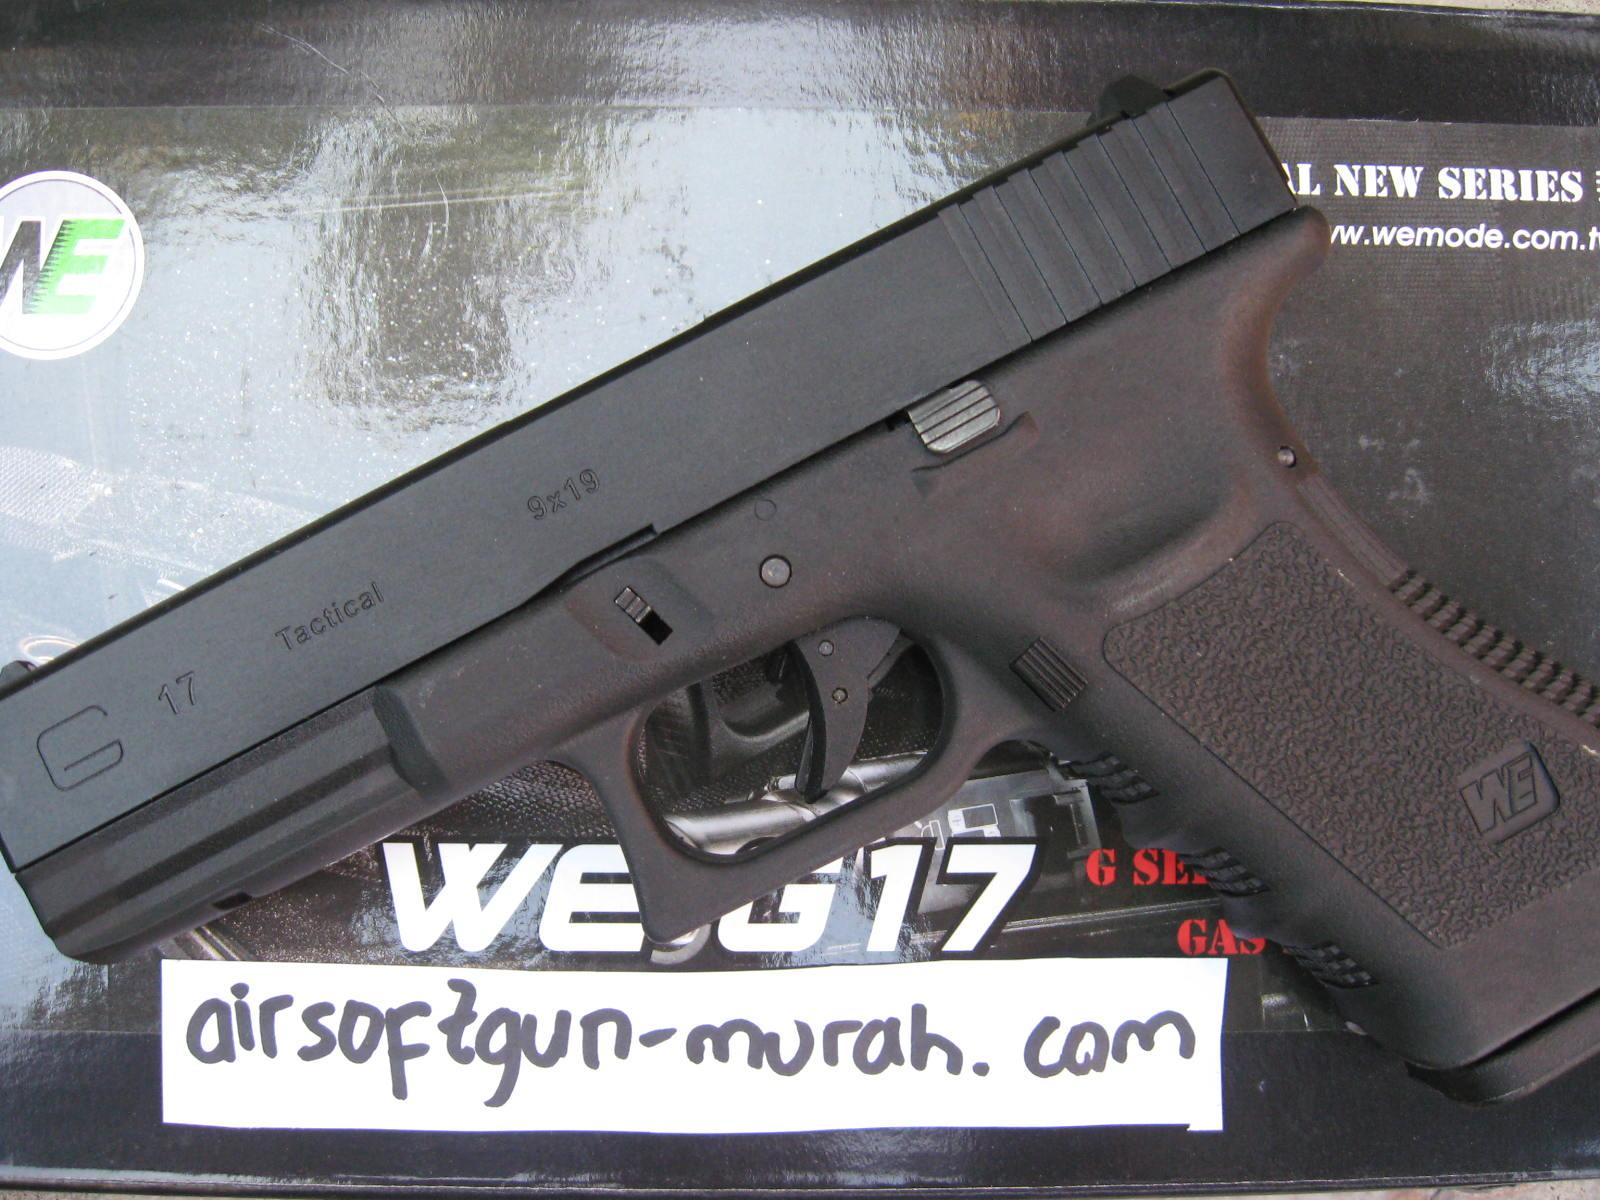 Airsoftgun Murah Glock 17 (WE)